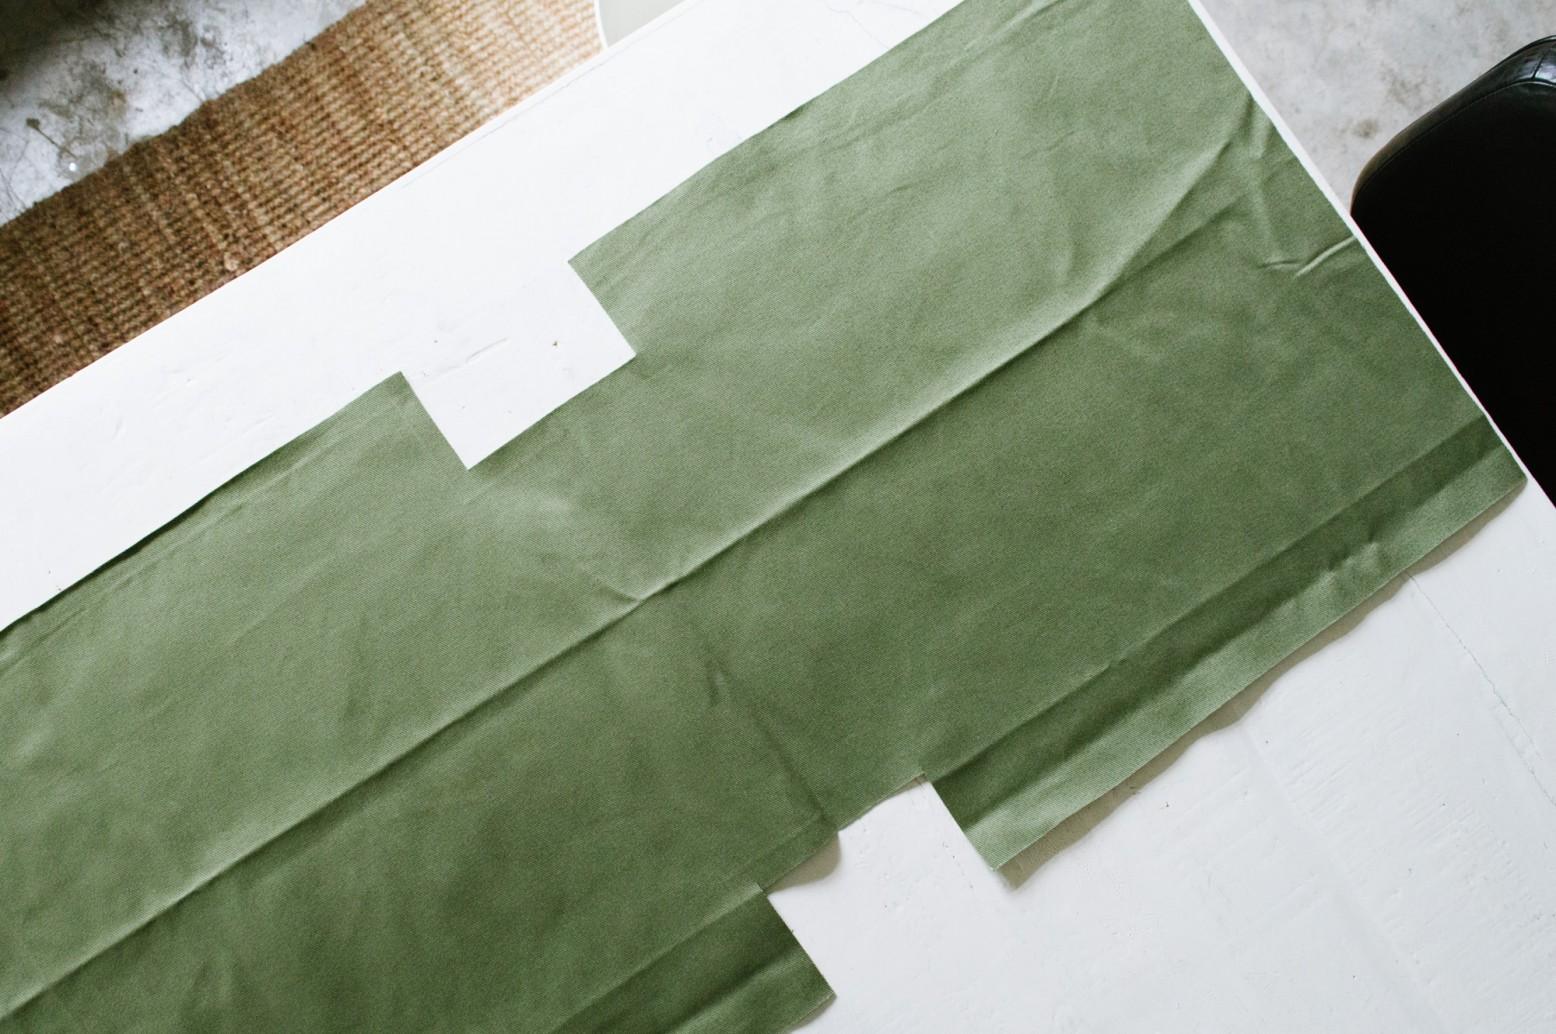 Cách may túi vải tại nhà - cắt vải theo đường vẽ